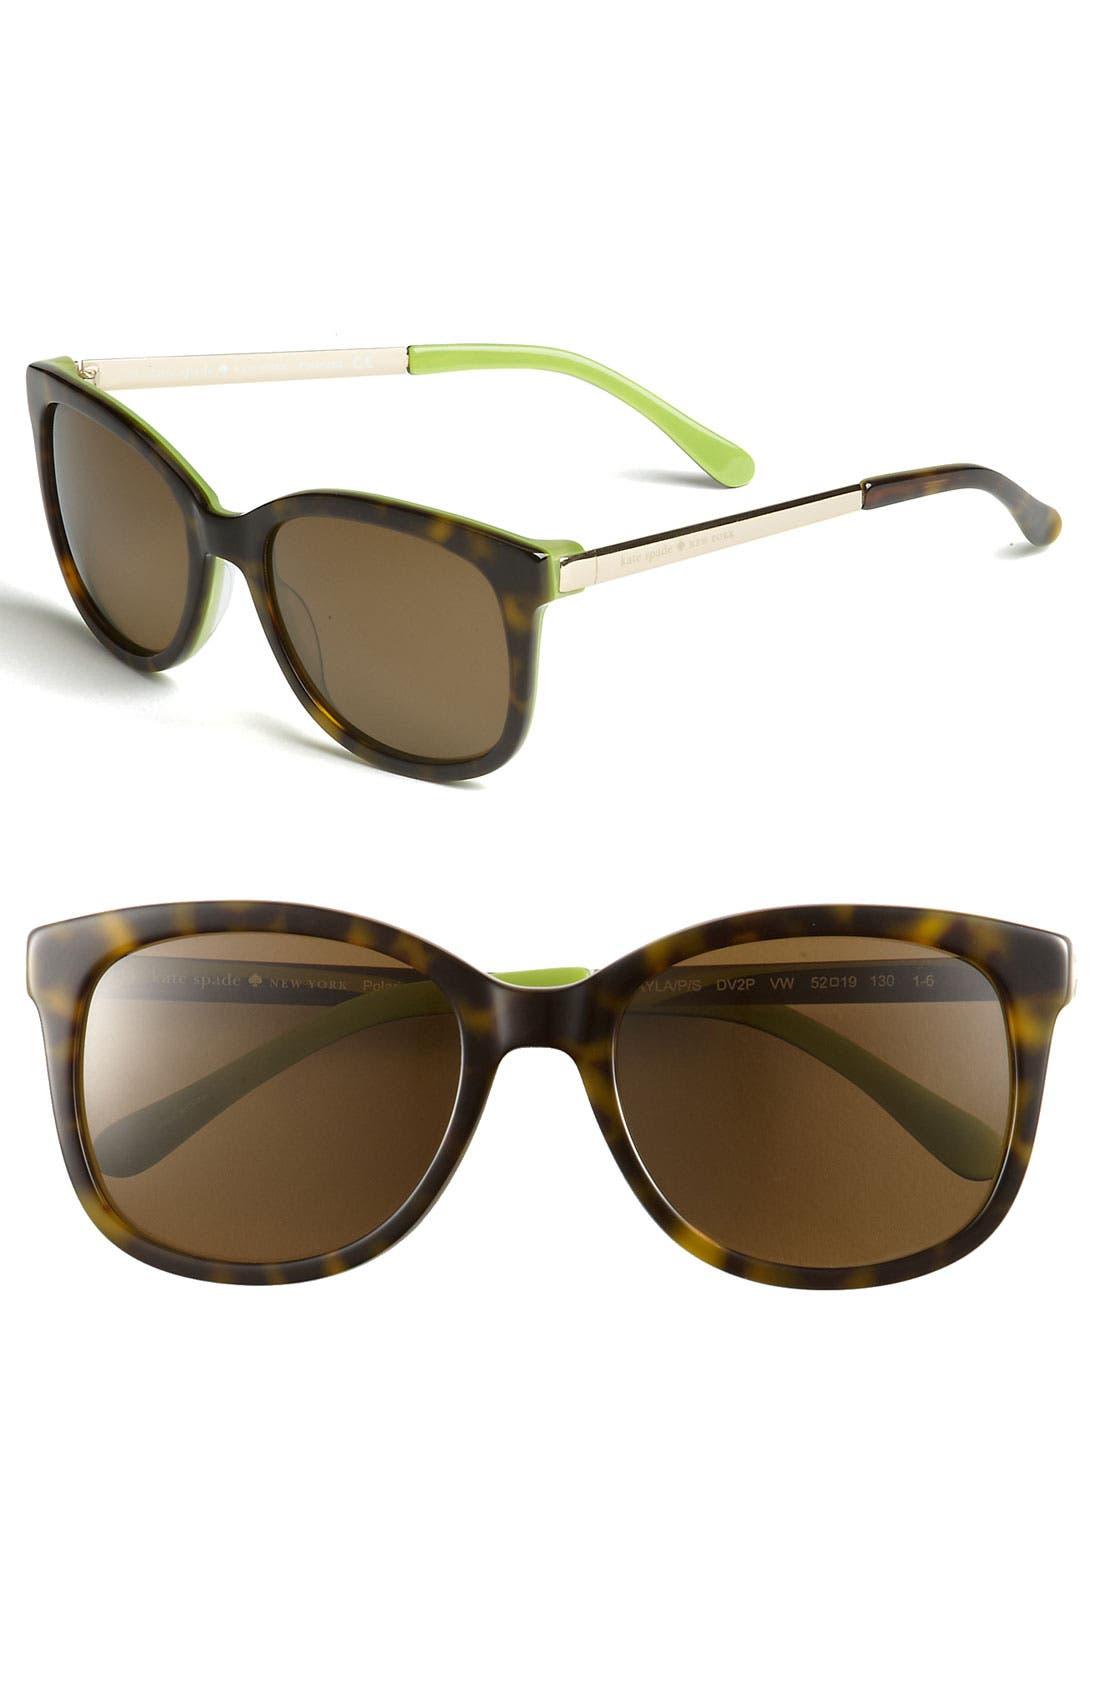 Main Image - kate spade new york 'gayla' 52mm oversized polarized sunglasses